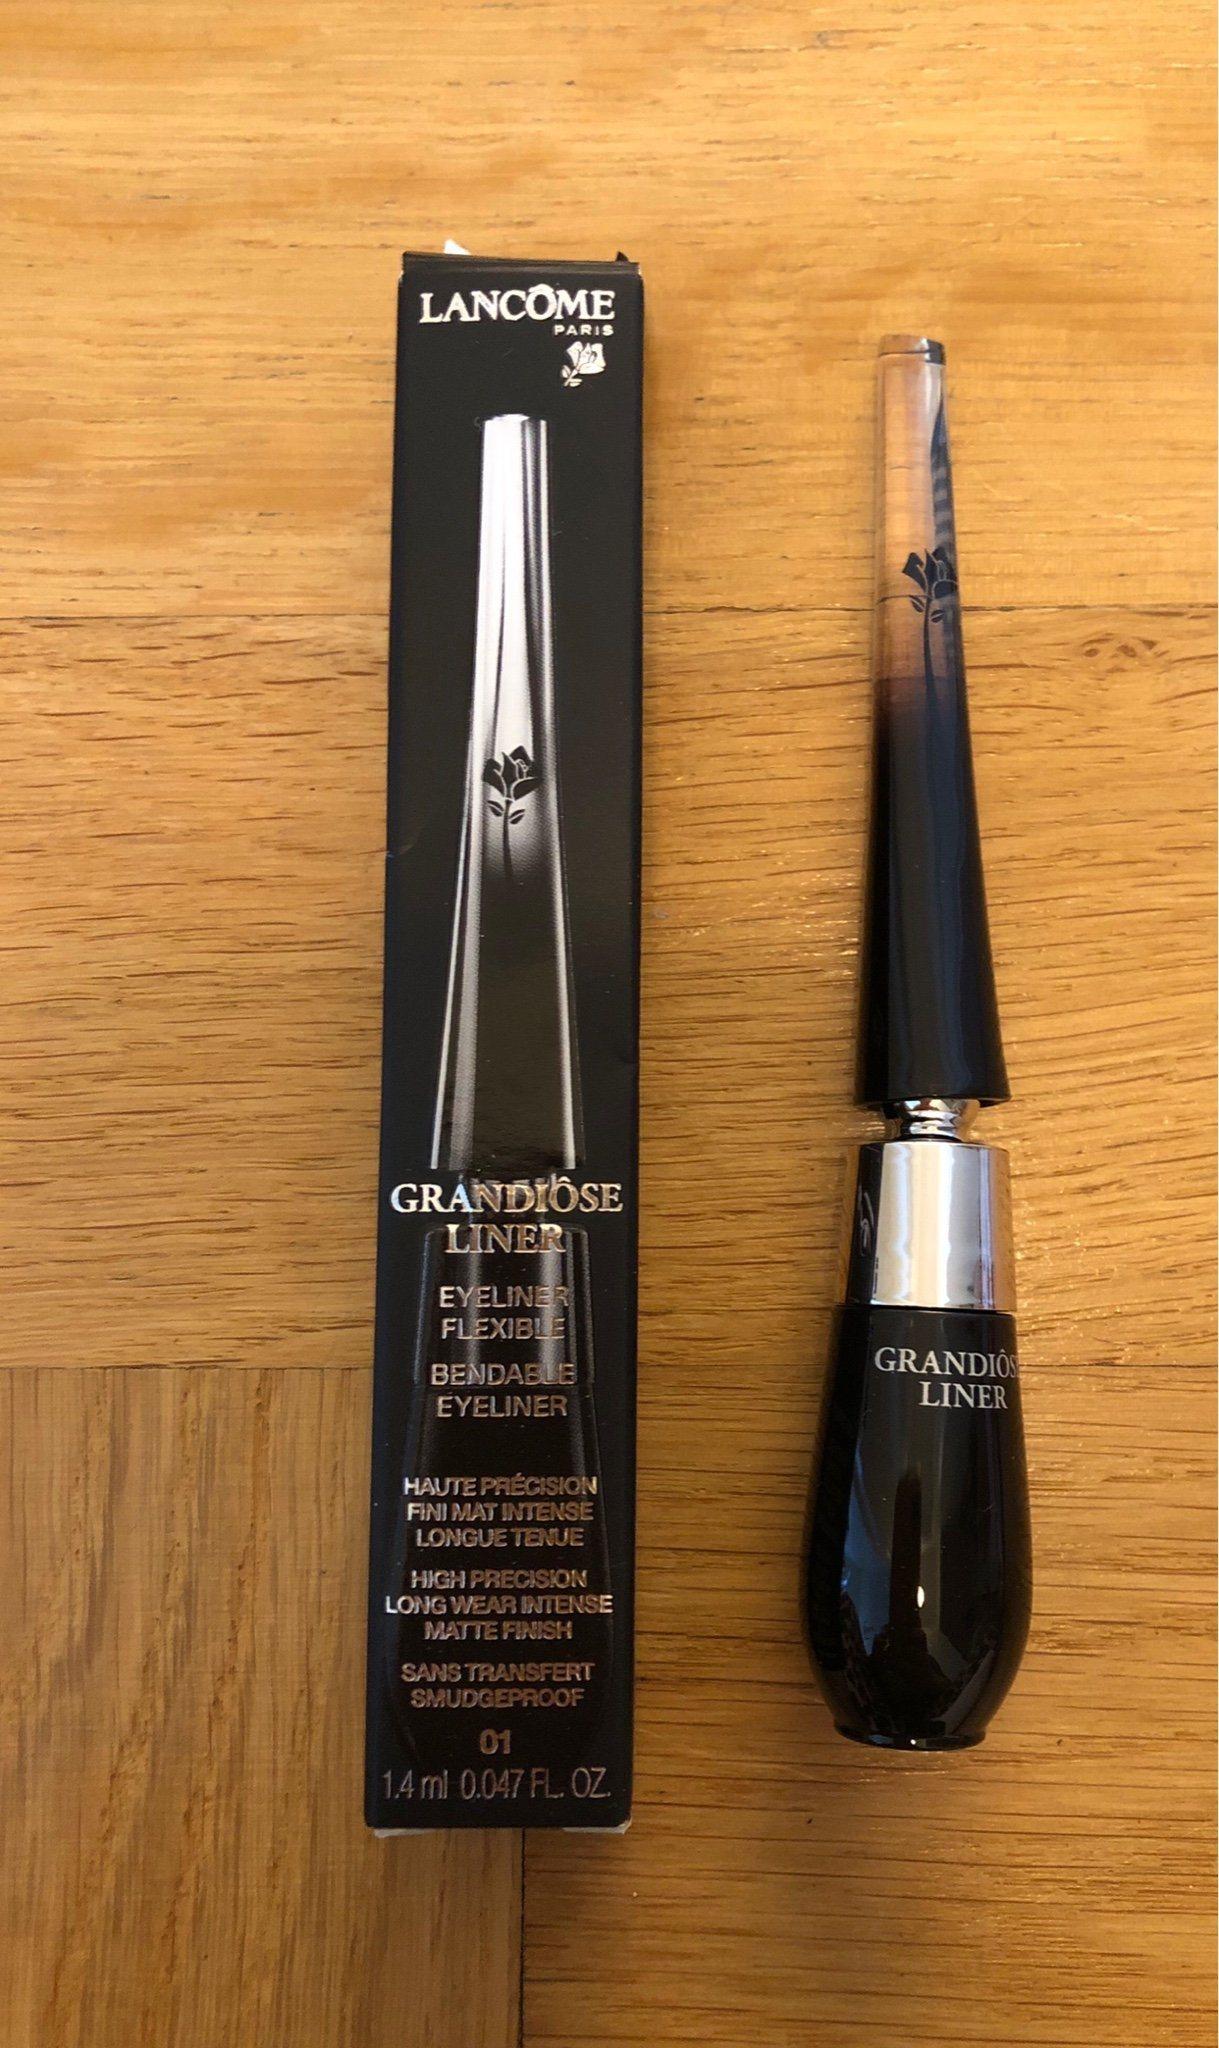 58c71ac0abf Lancôme Grandiose EyeLiner svart (341451388) ᐈ Köp på Tradera